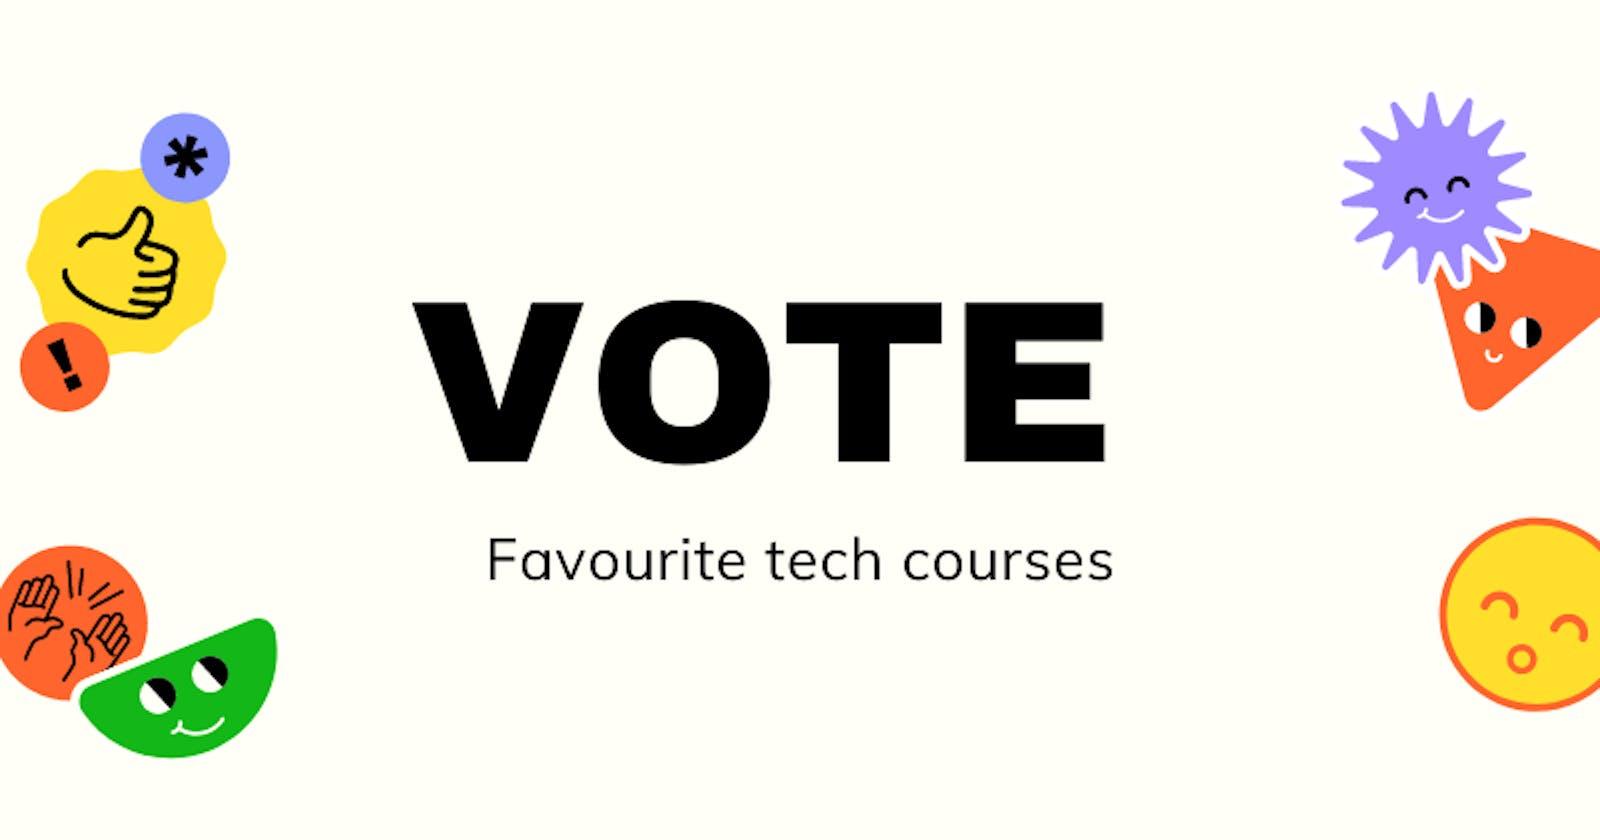 GraphCMS + Nuxt.js - Vote Your Favourite Tech Courses